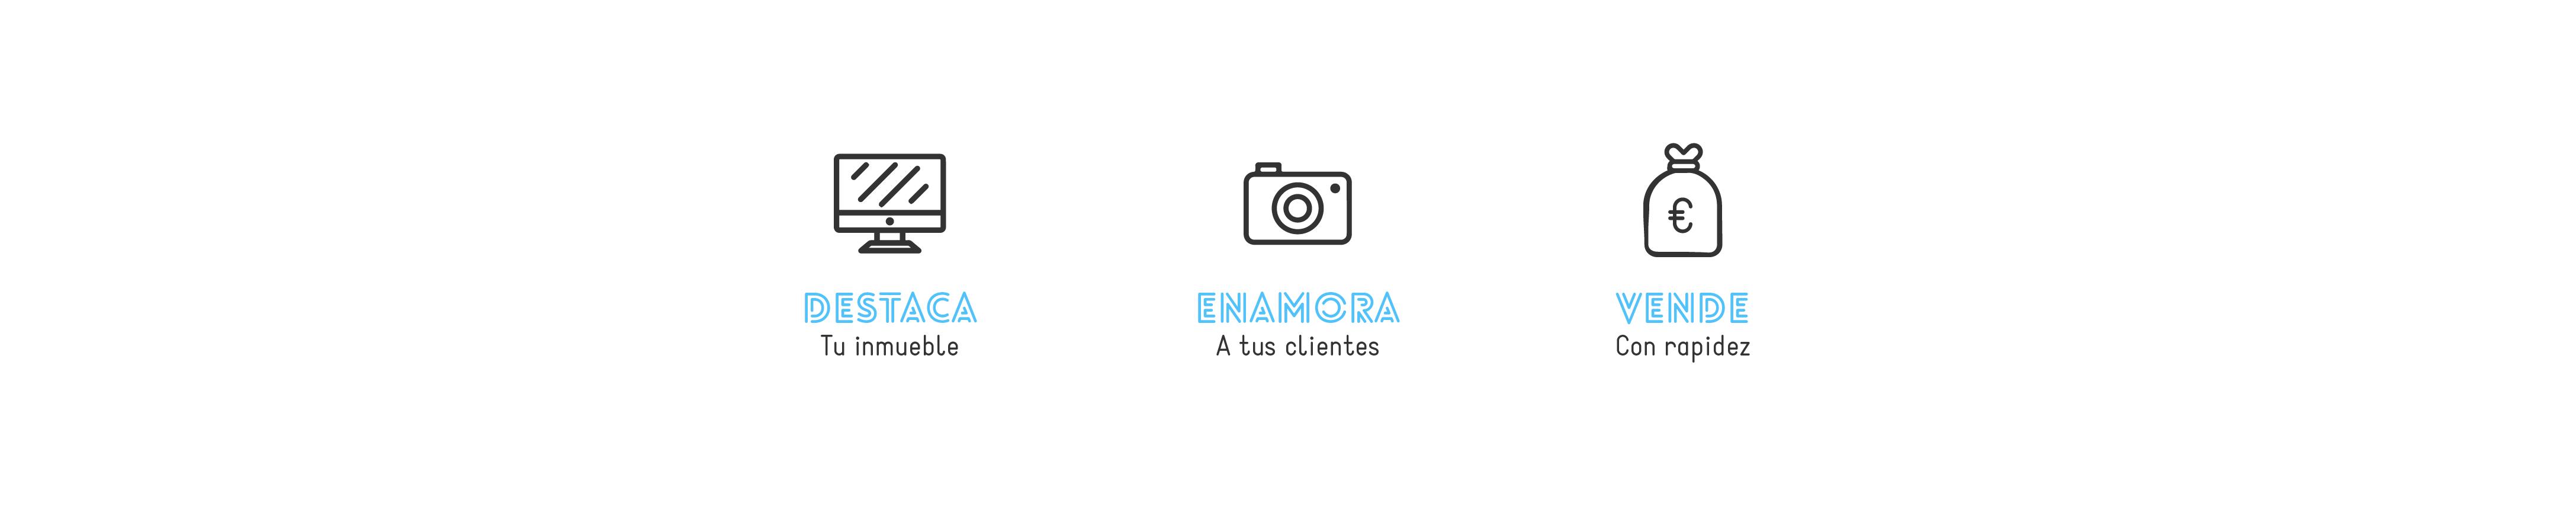 ElAticoAzul_2017_07_HS_web-seccion-iconos--01